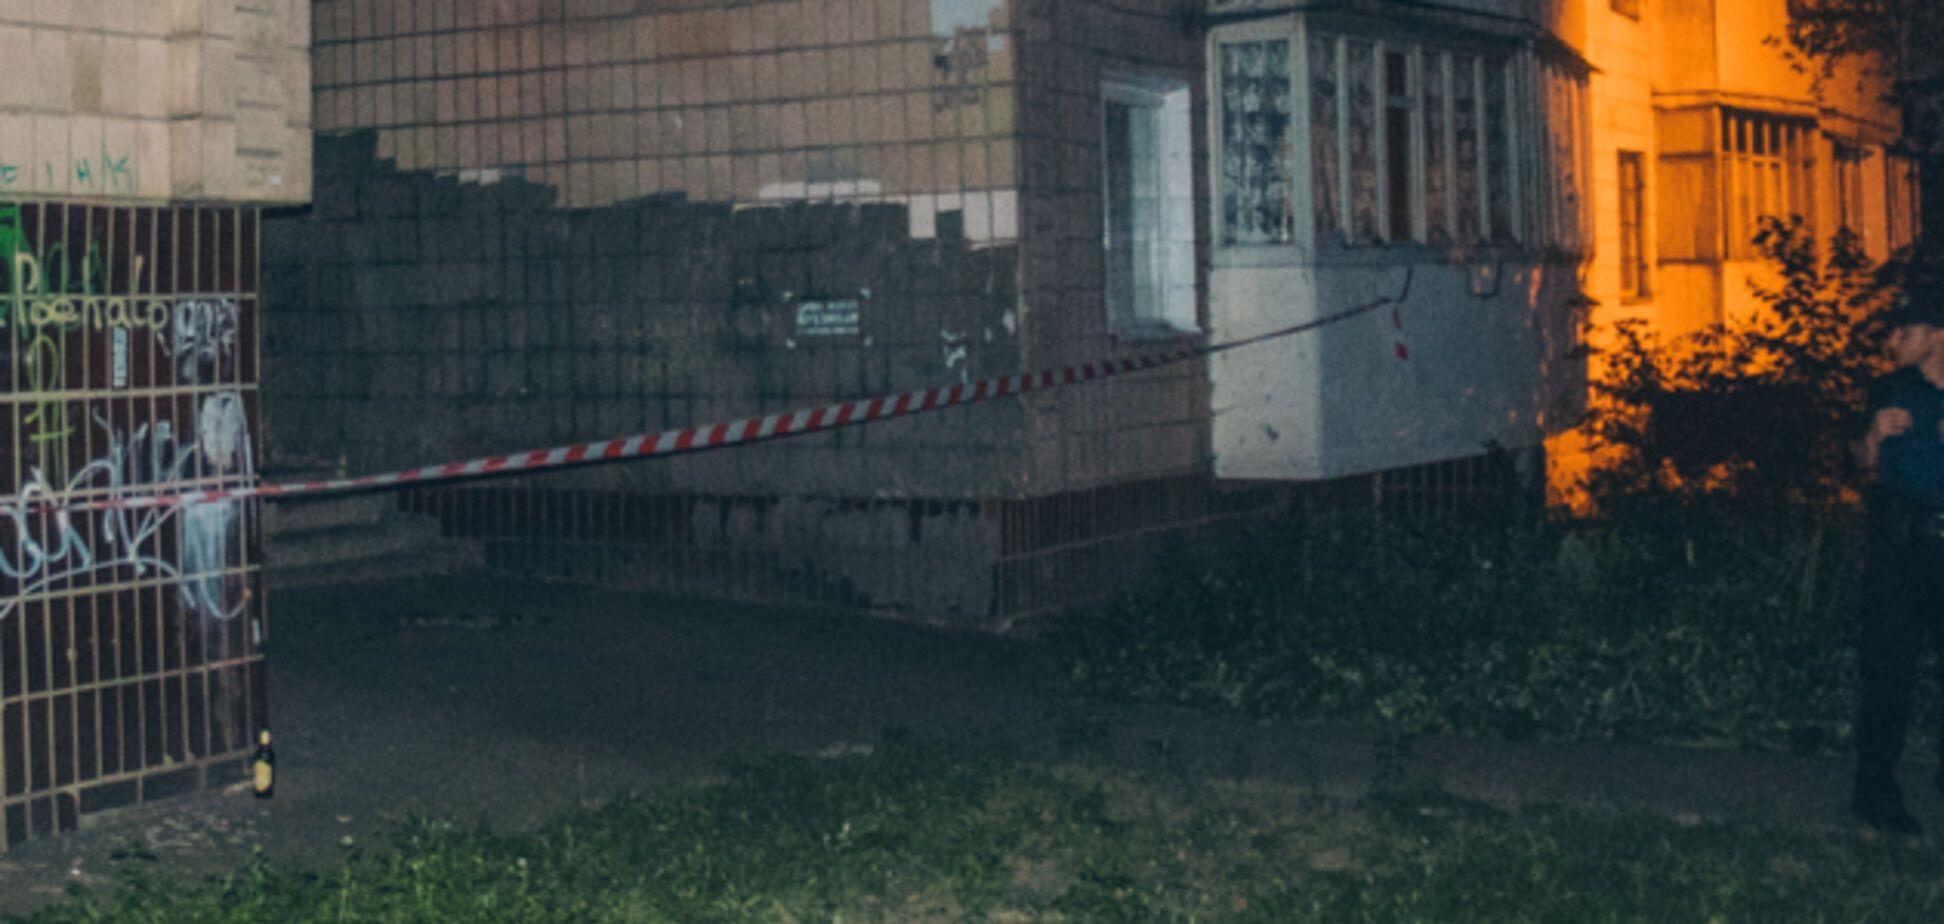 У спальному районі Києва знайшли повішену жінку: фото 18+